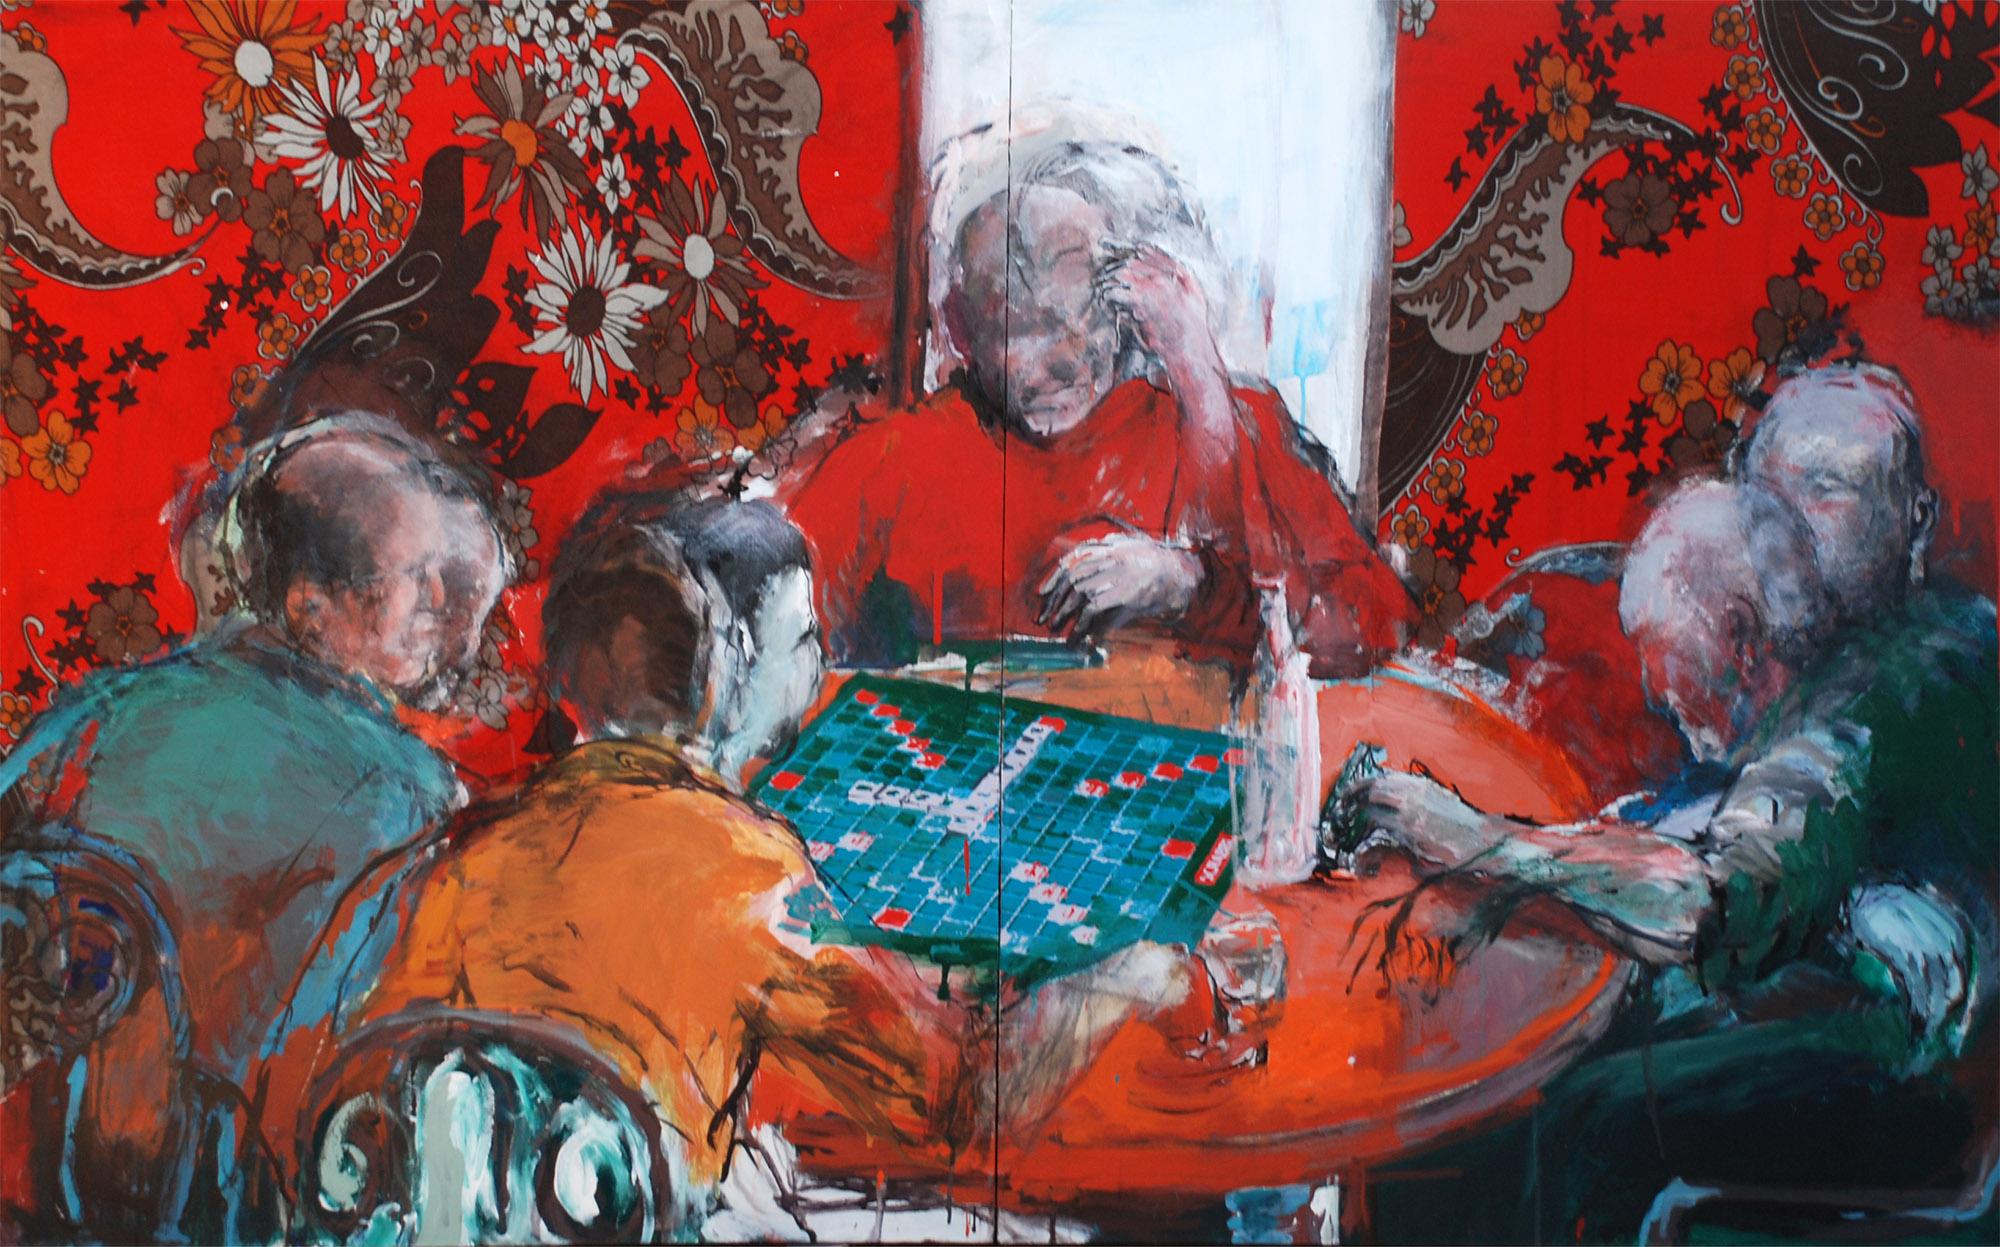 Une partie de scrabble (1) : 160 X 100 cm  / Acrylique sur toile et collage